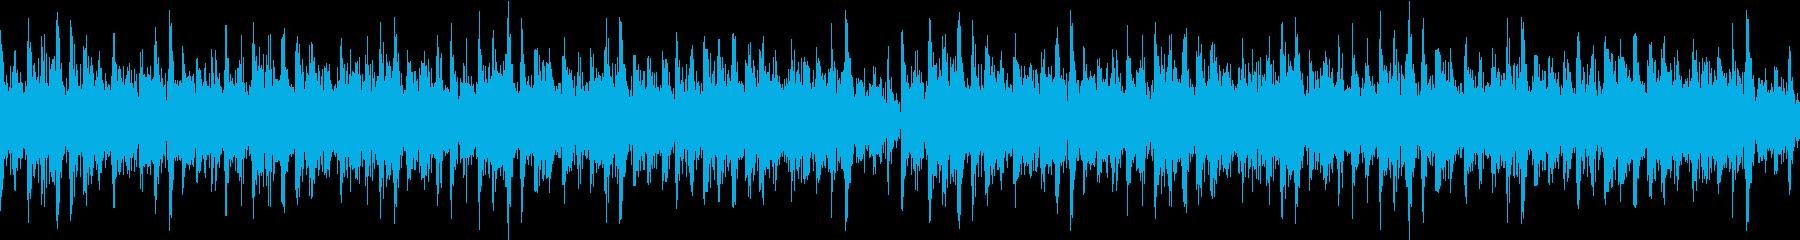 リズミカルなシンセリードが心地いいBGMの再生済みの波形